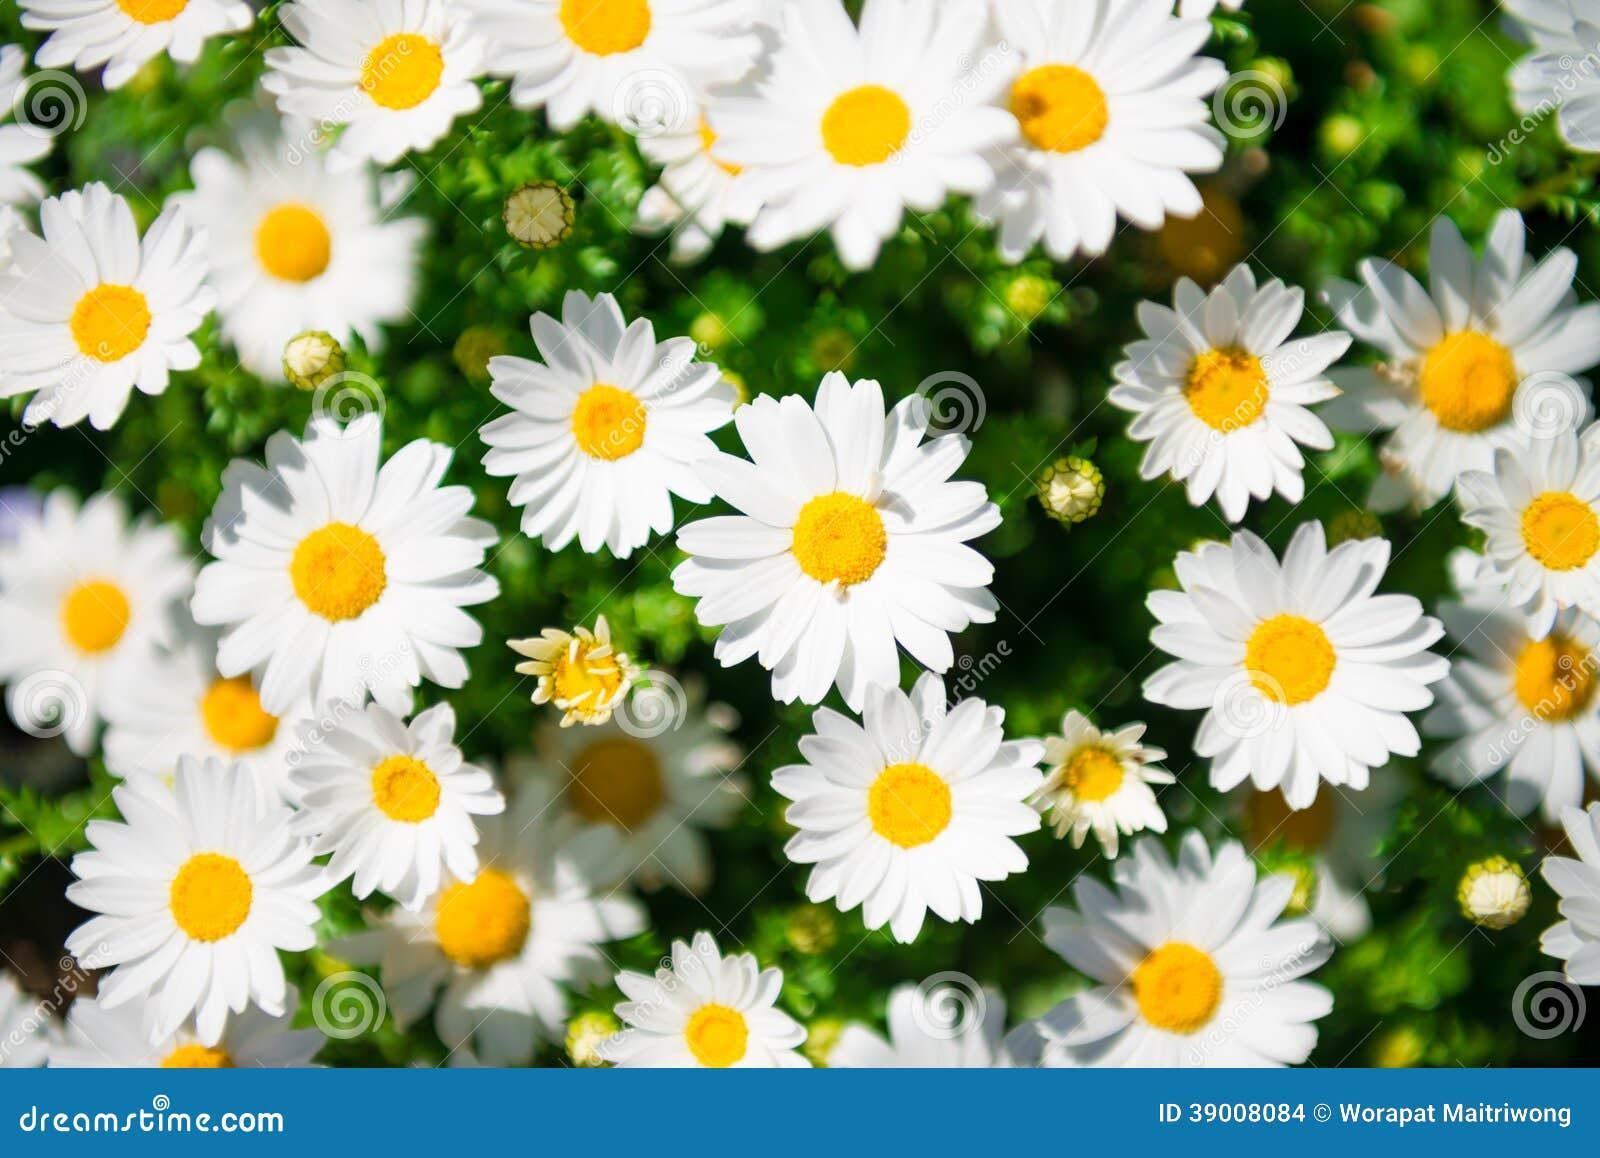 Fleurs marguerites blanches - Image fleur marguerite ...